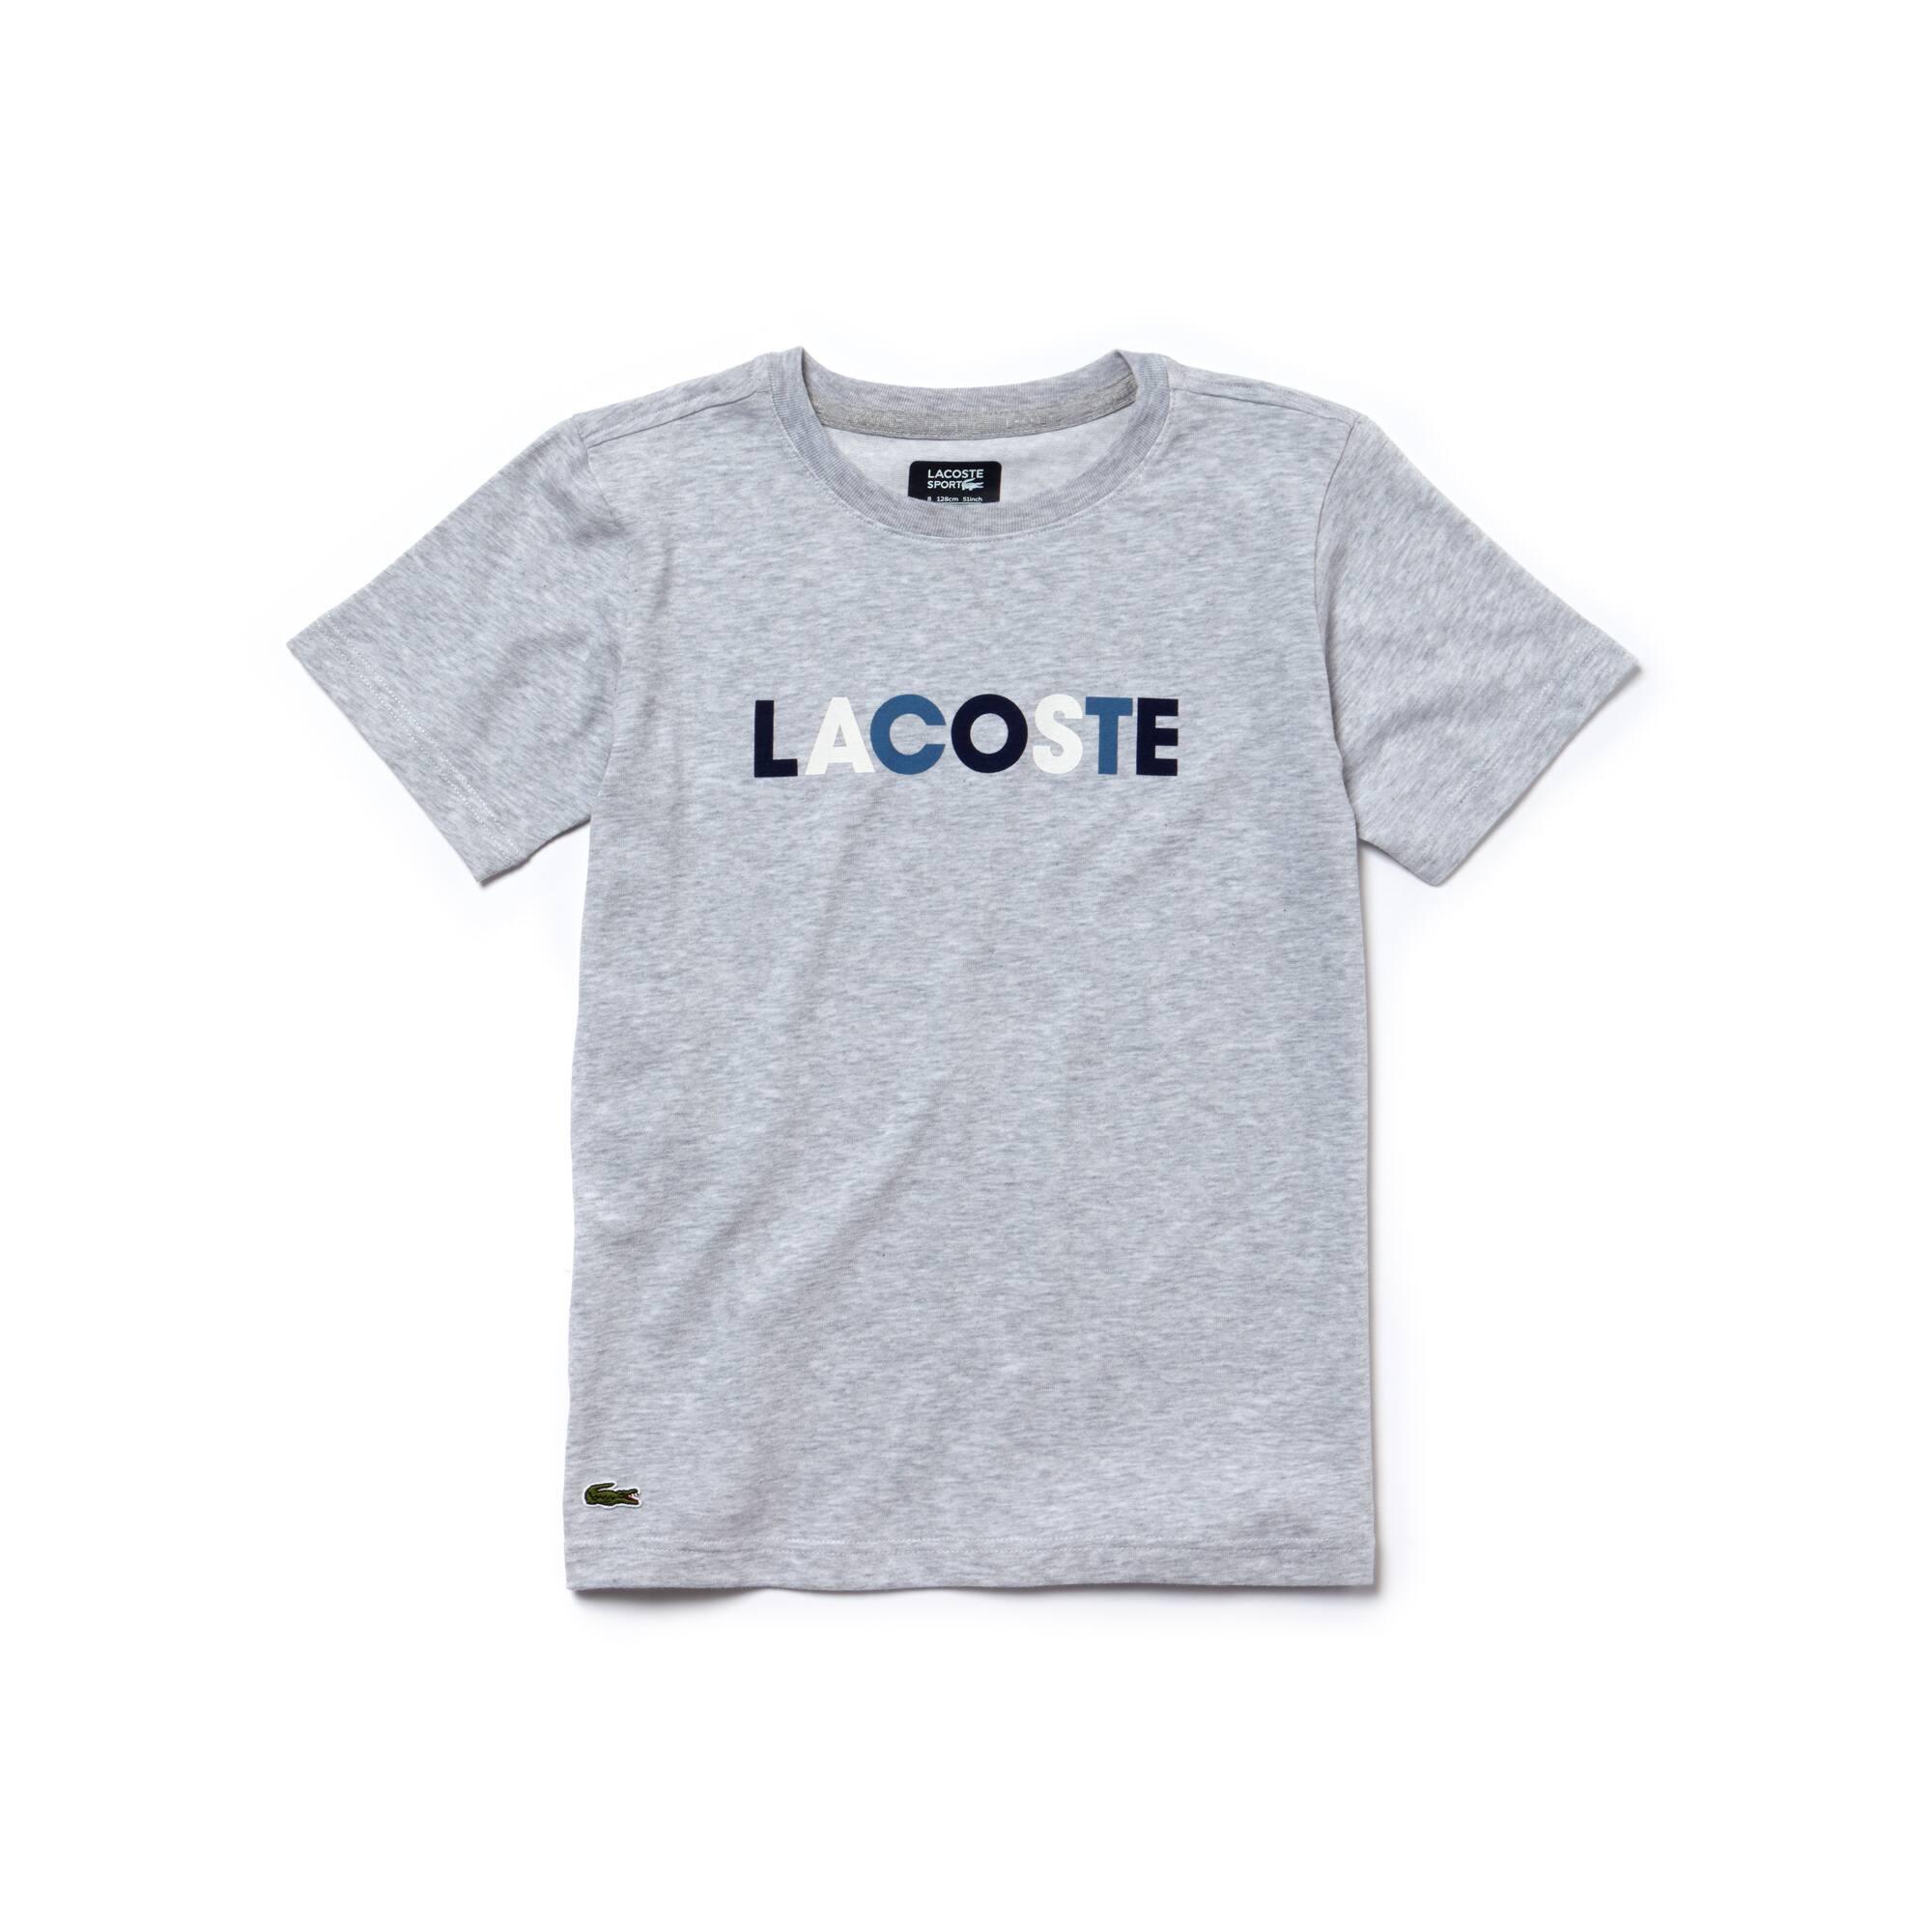 Camiseta de chico de punto técnico Tenis Lacoste SPORT con las letras de la marca impresas